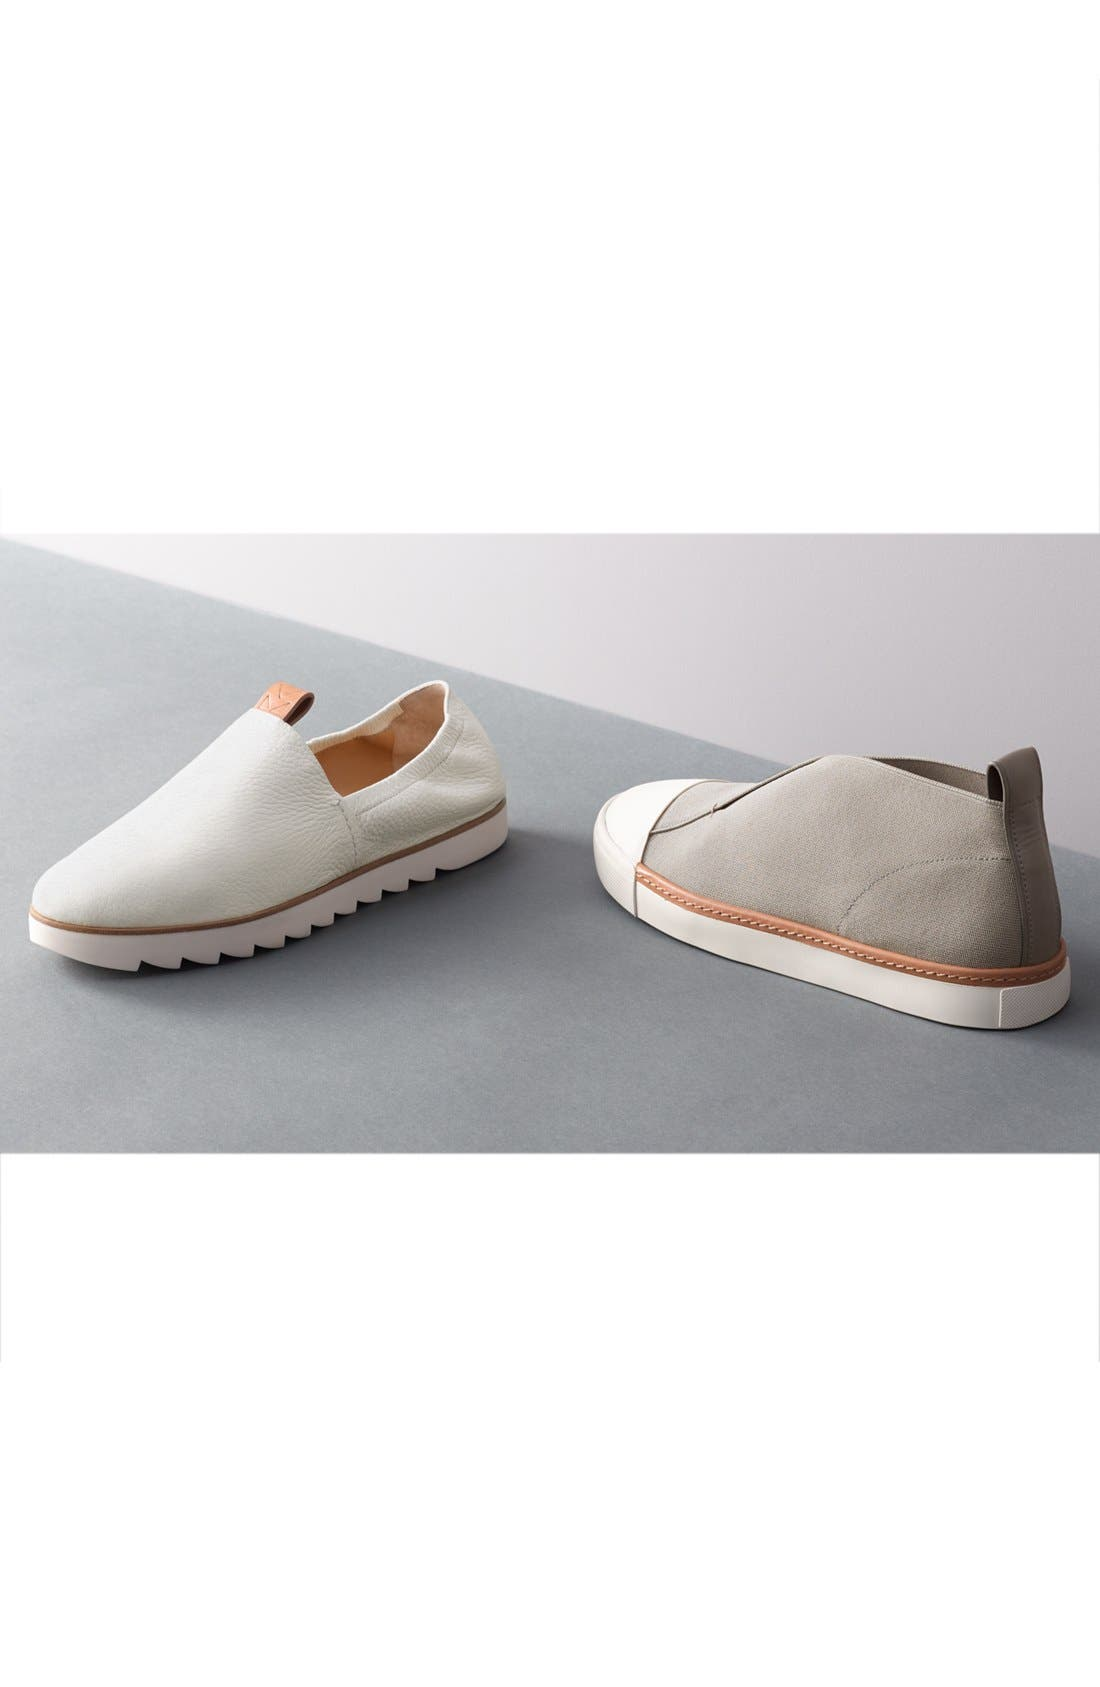 Thana Slip-On Sneaker,                             Alternate thumbnail 6, color,                             411